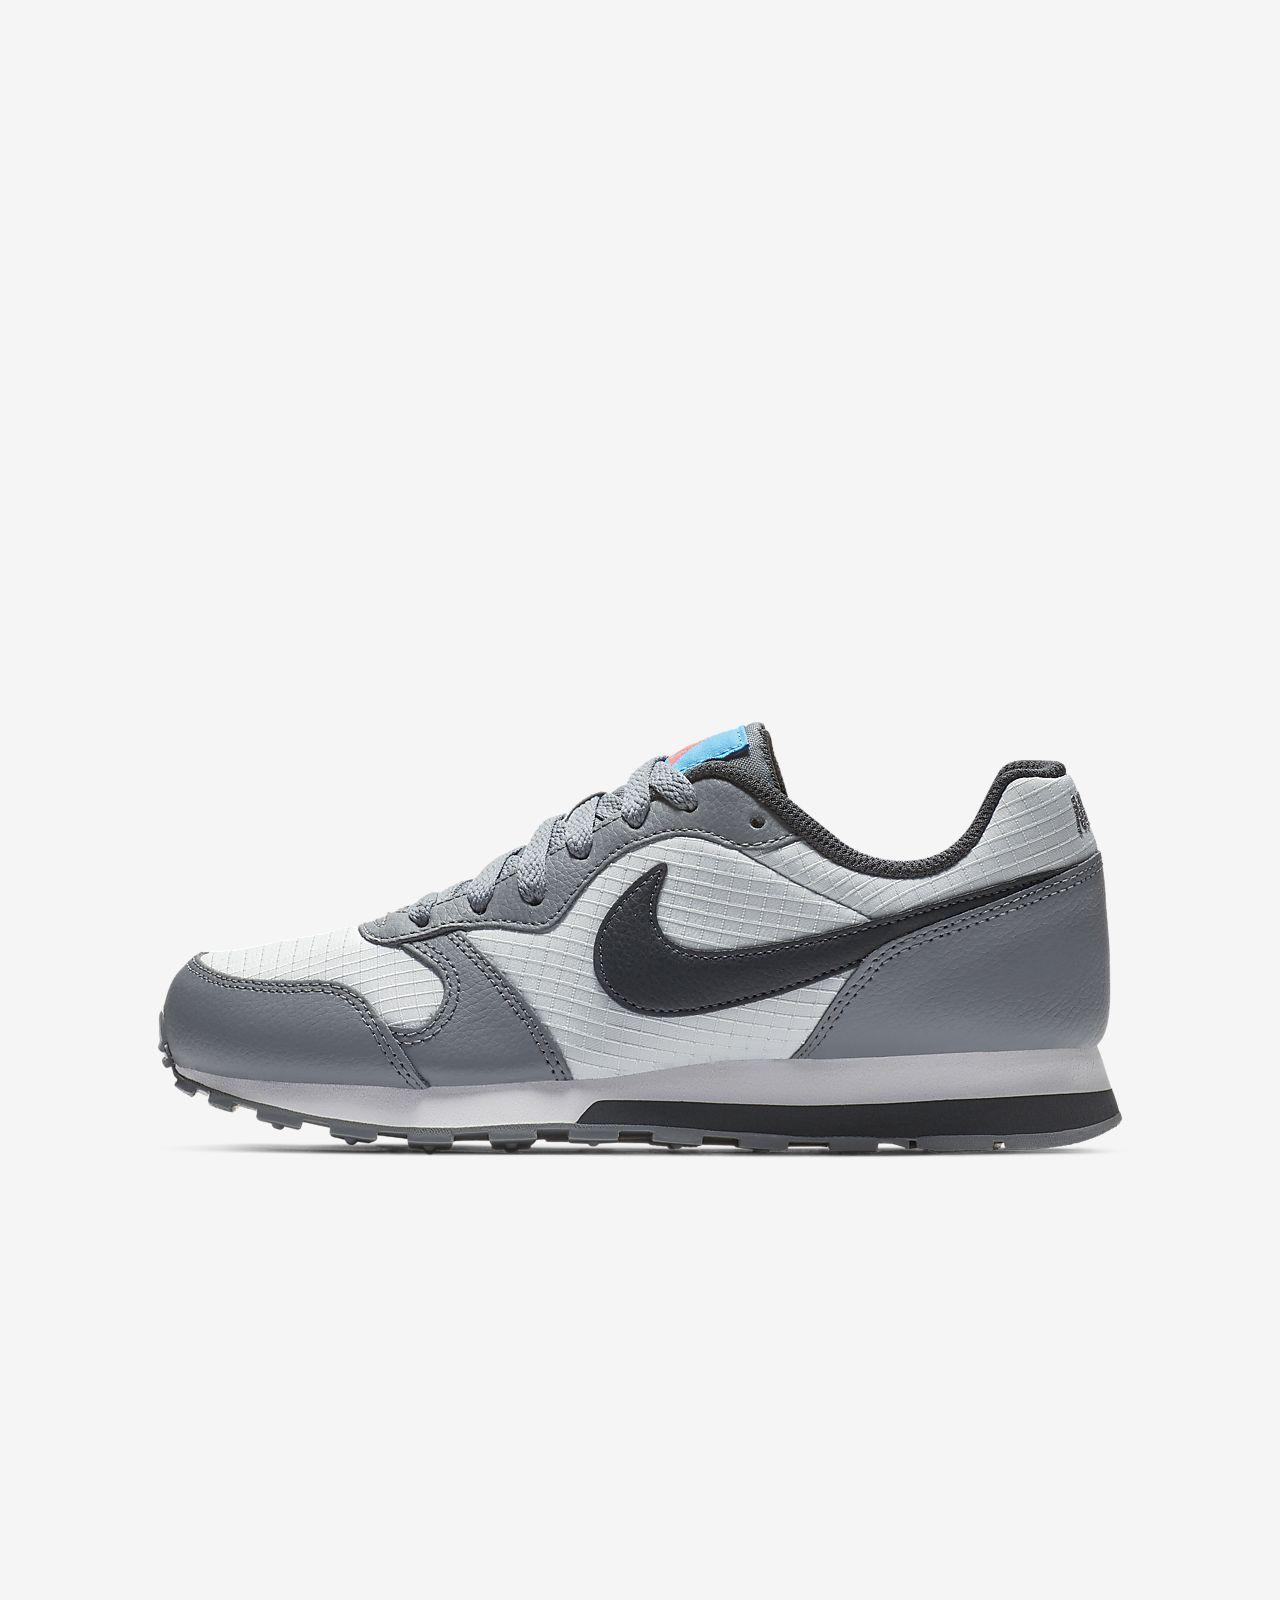 the latest 738b6 6f38f ... Chaussure Nike MD Runner 2 pour Enfant plus âgé